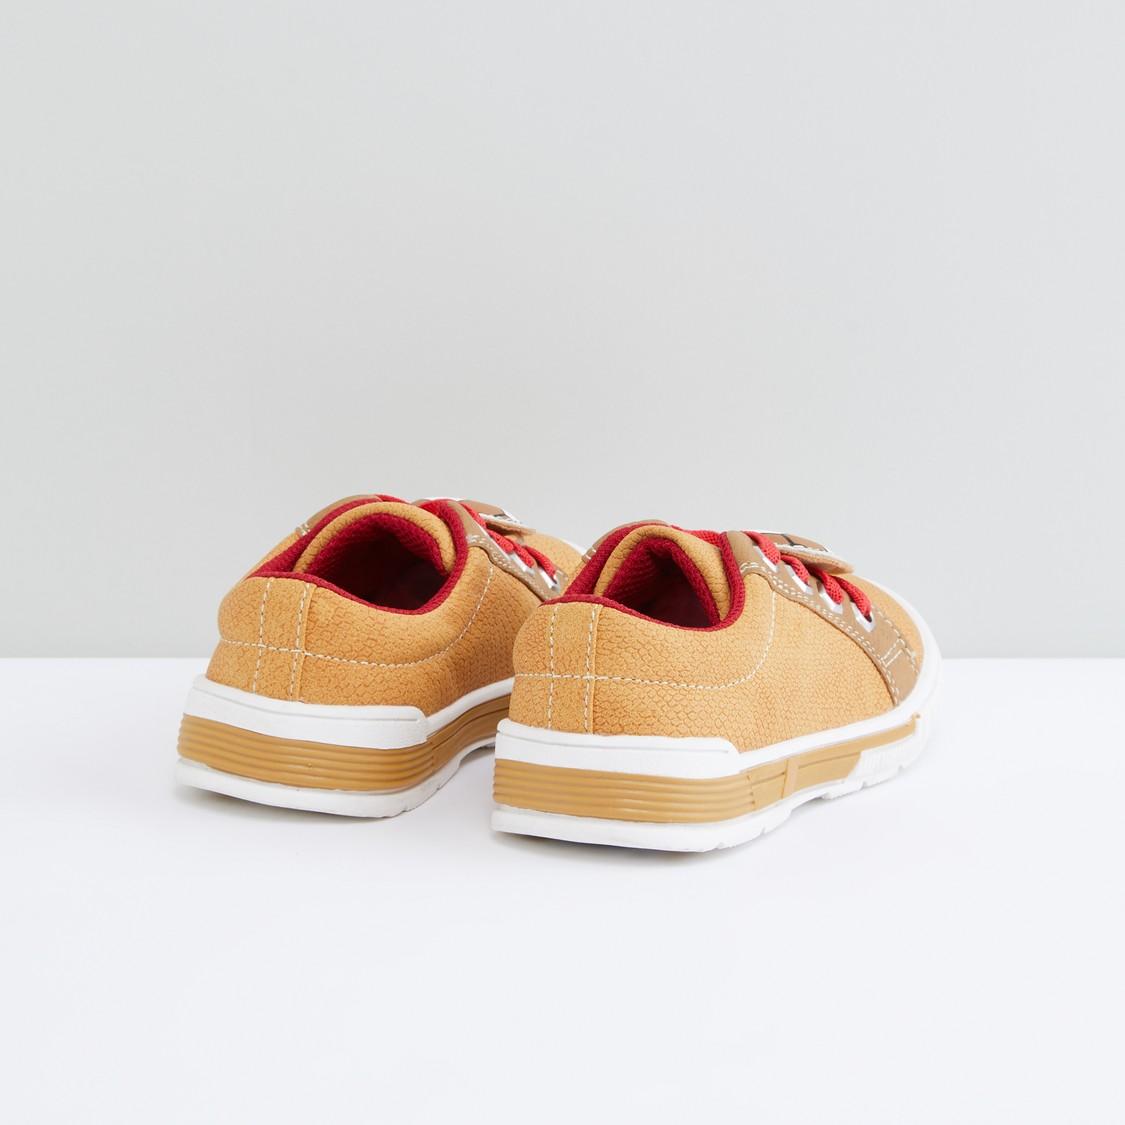 Applique Detail Lace-Up Shoes